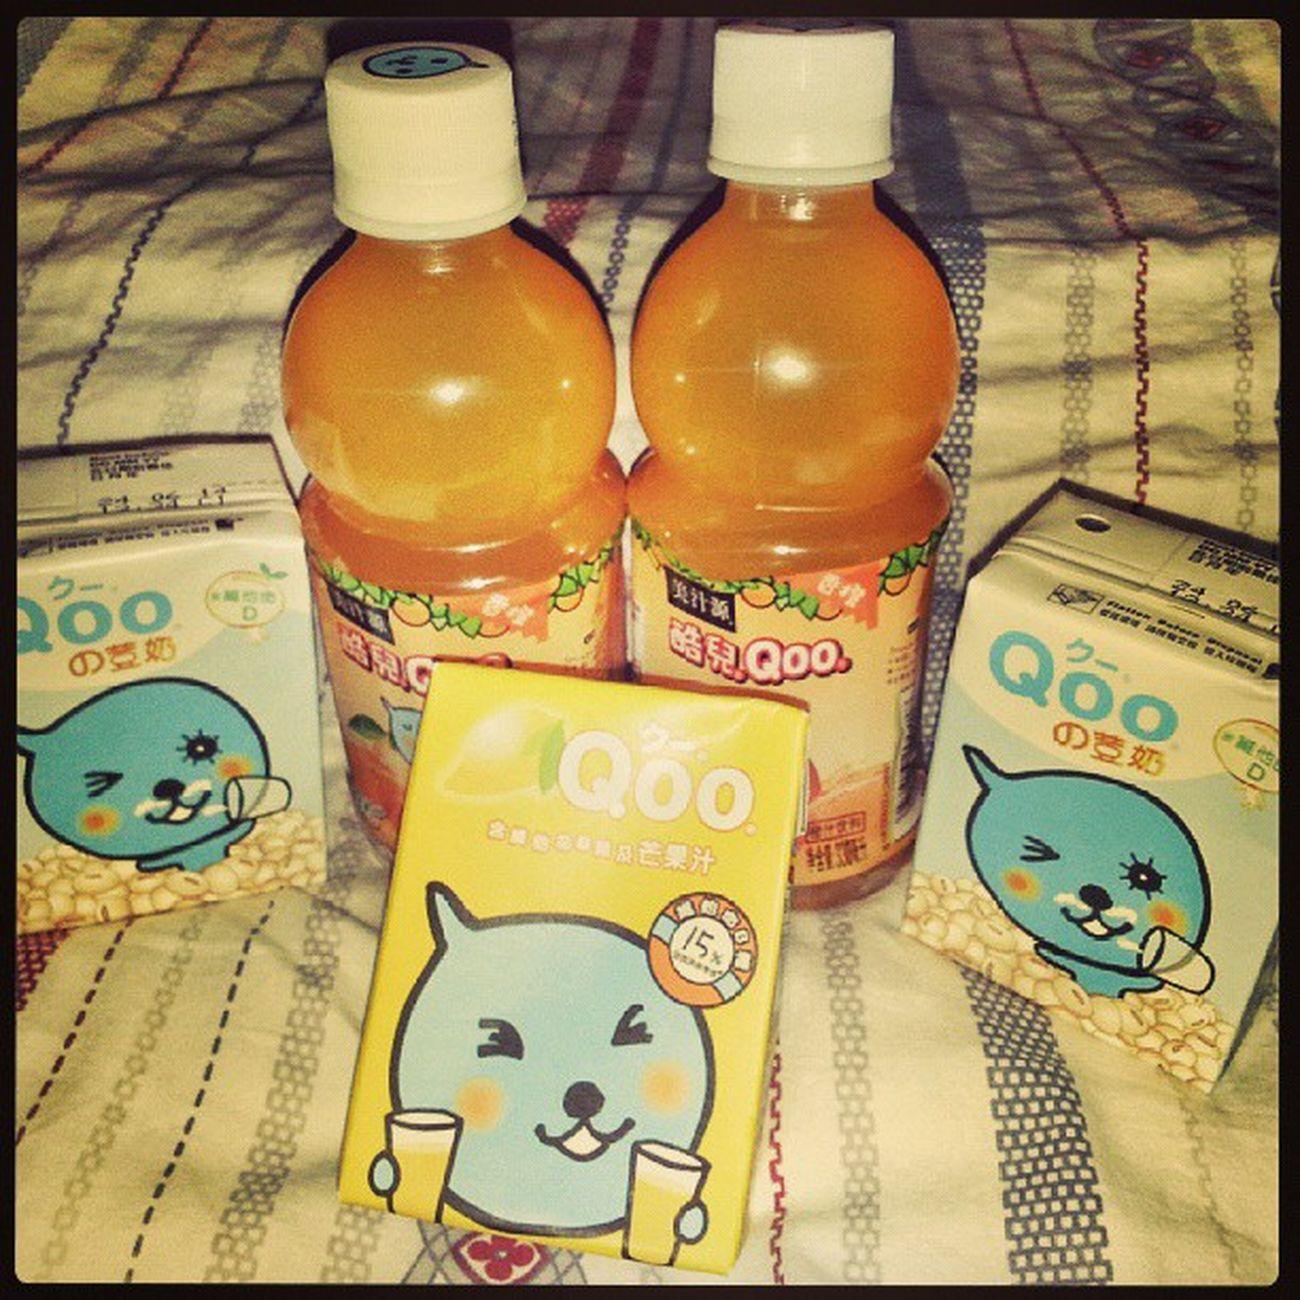 永遠愛Qoo ≧﹏≦